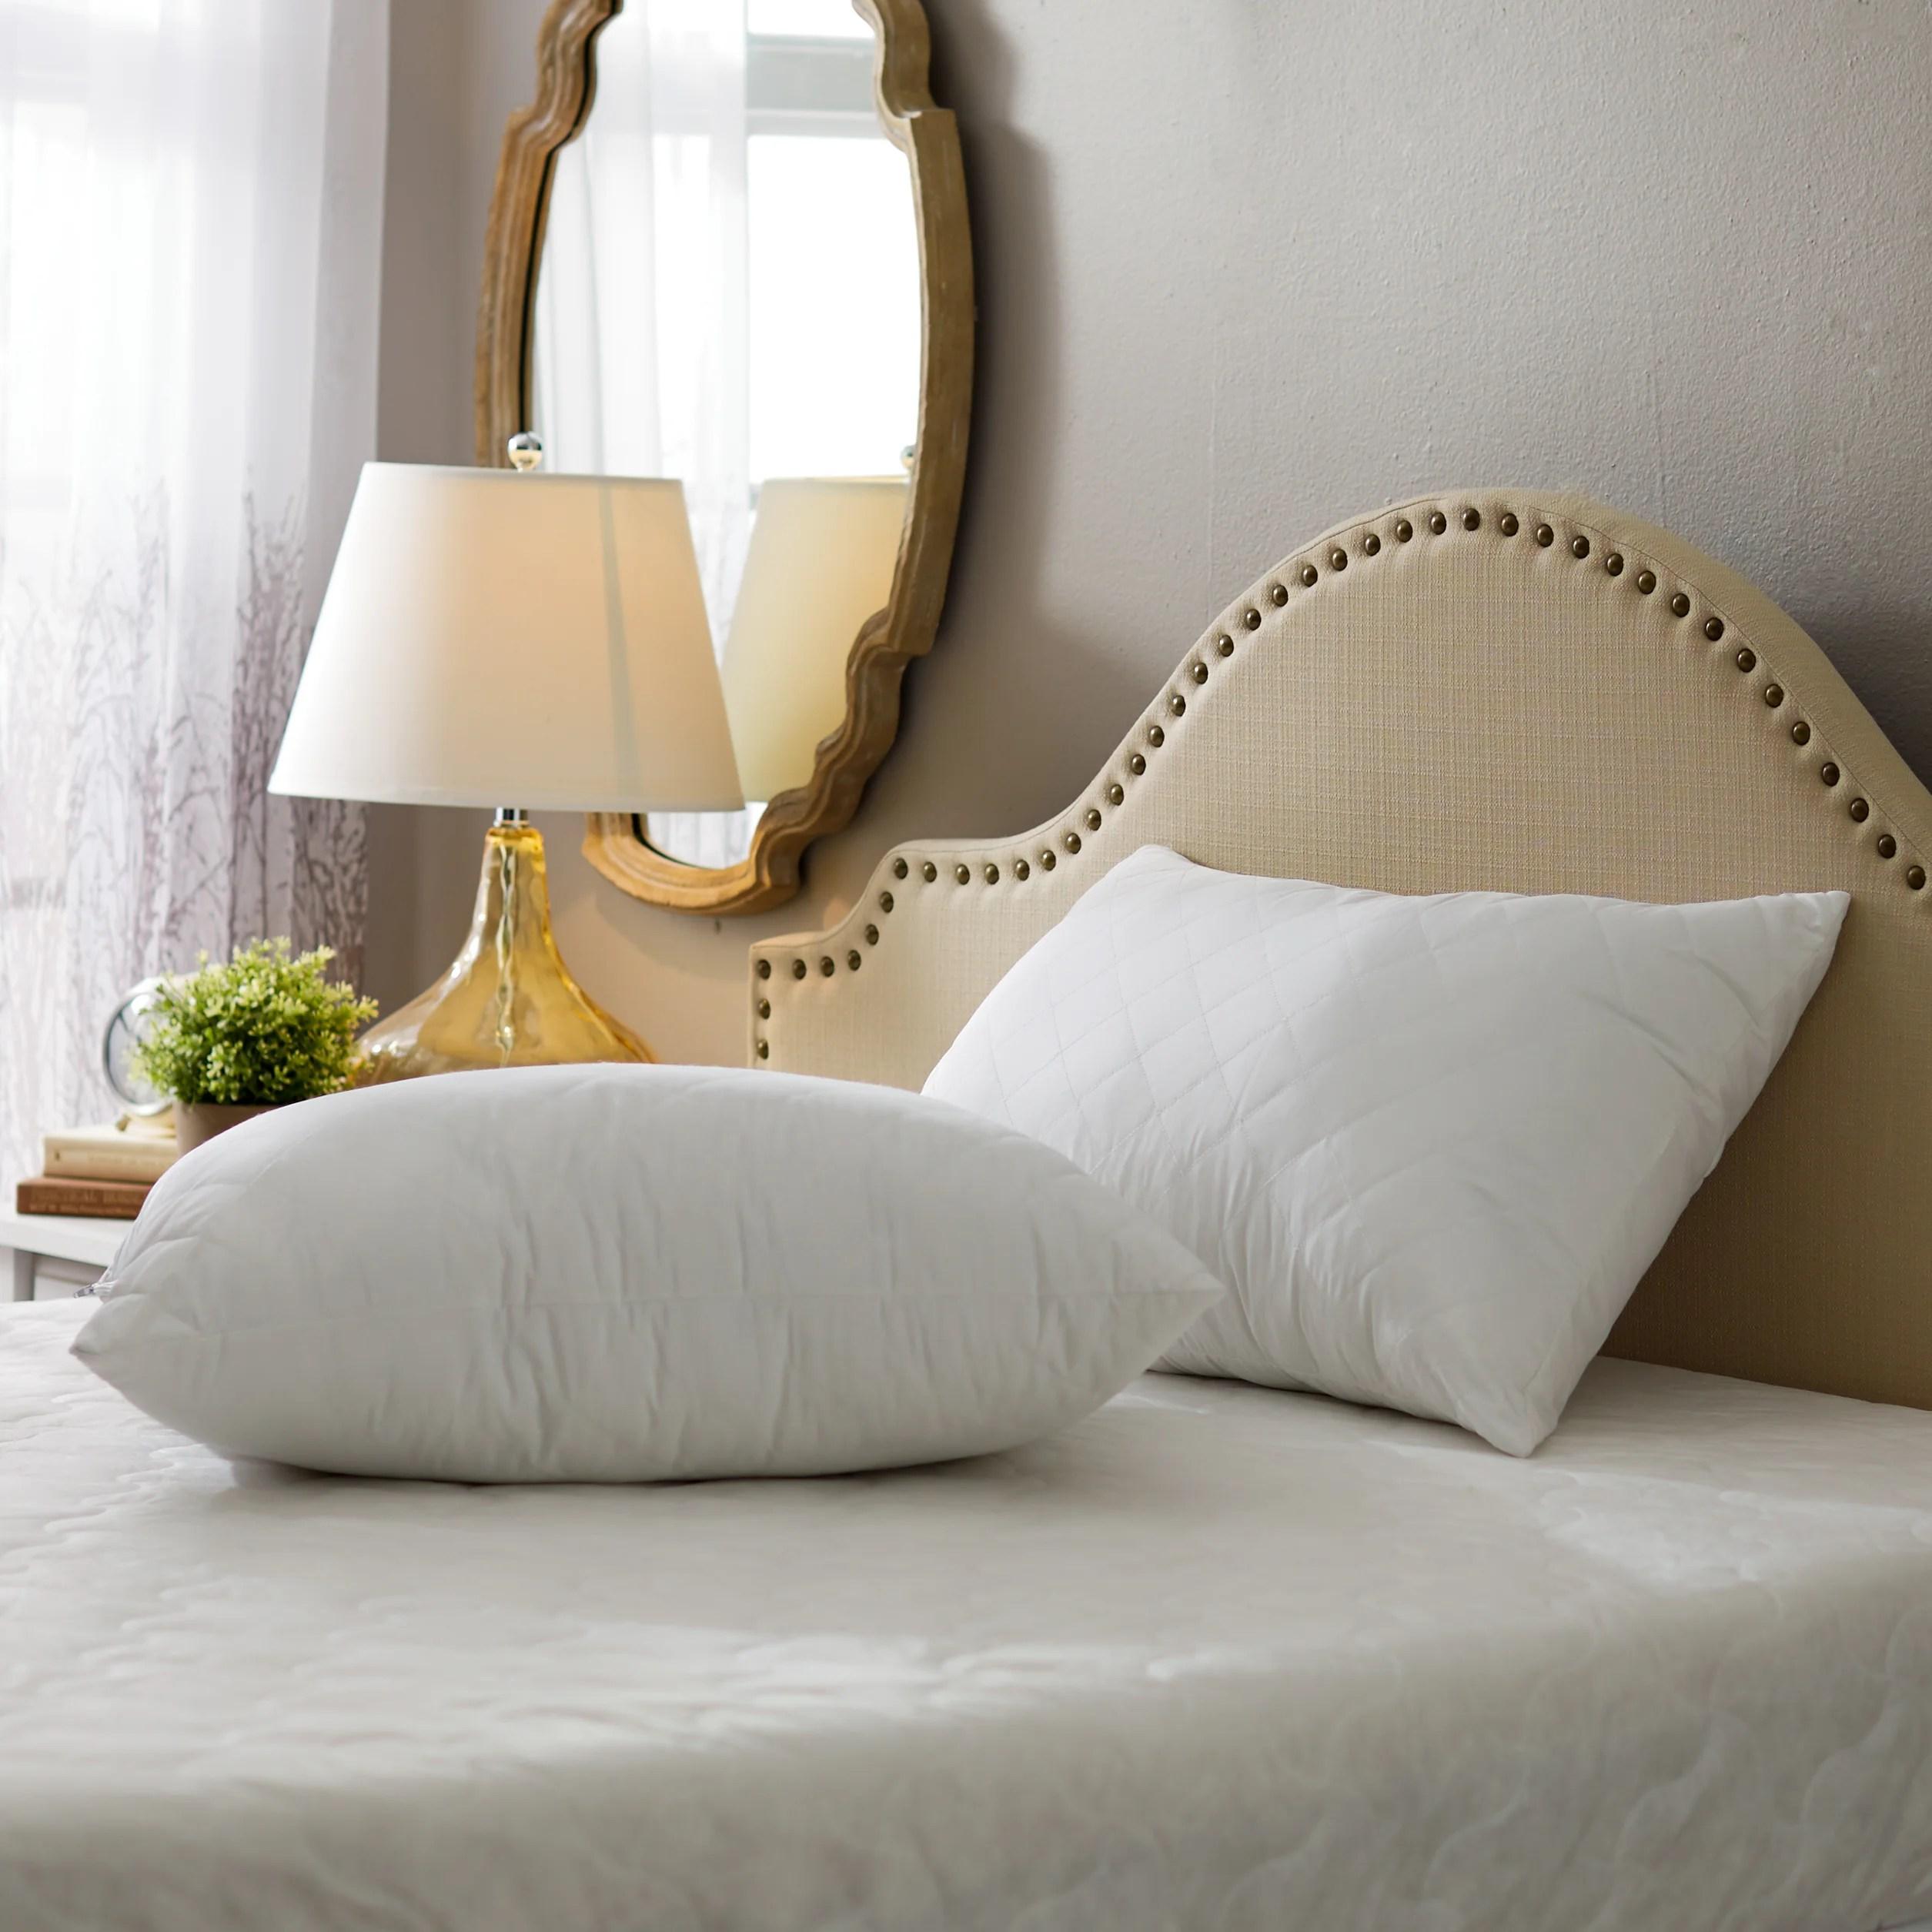 Wayfair Sleep Wayfair Sleep Firm Quilted Pillow & Reviews